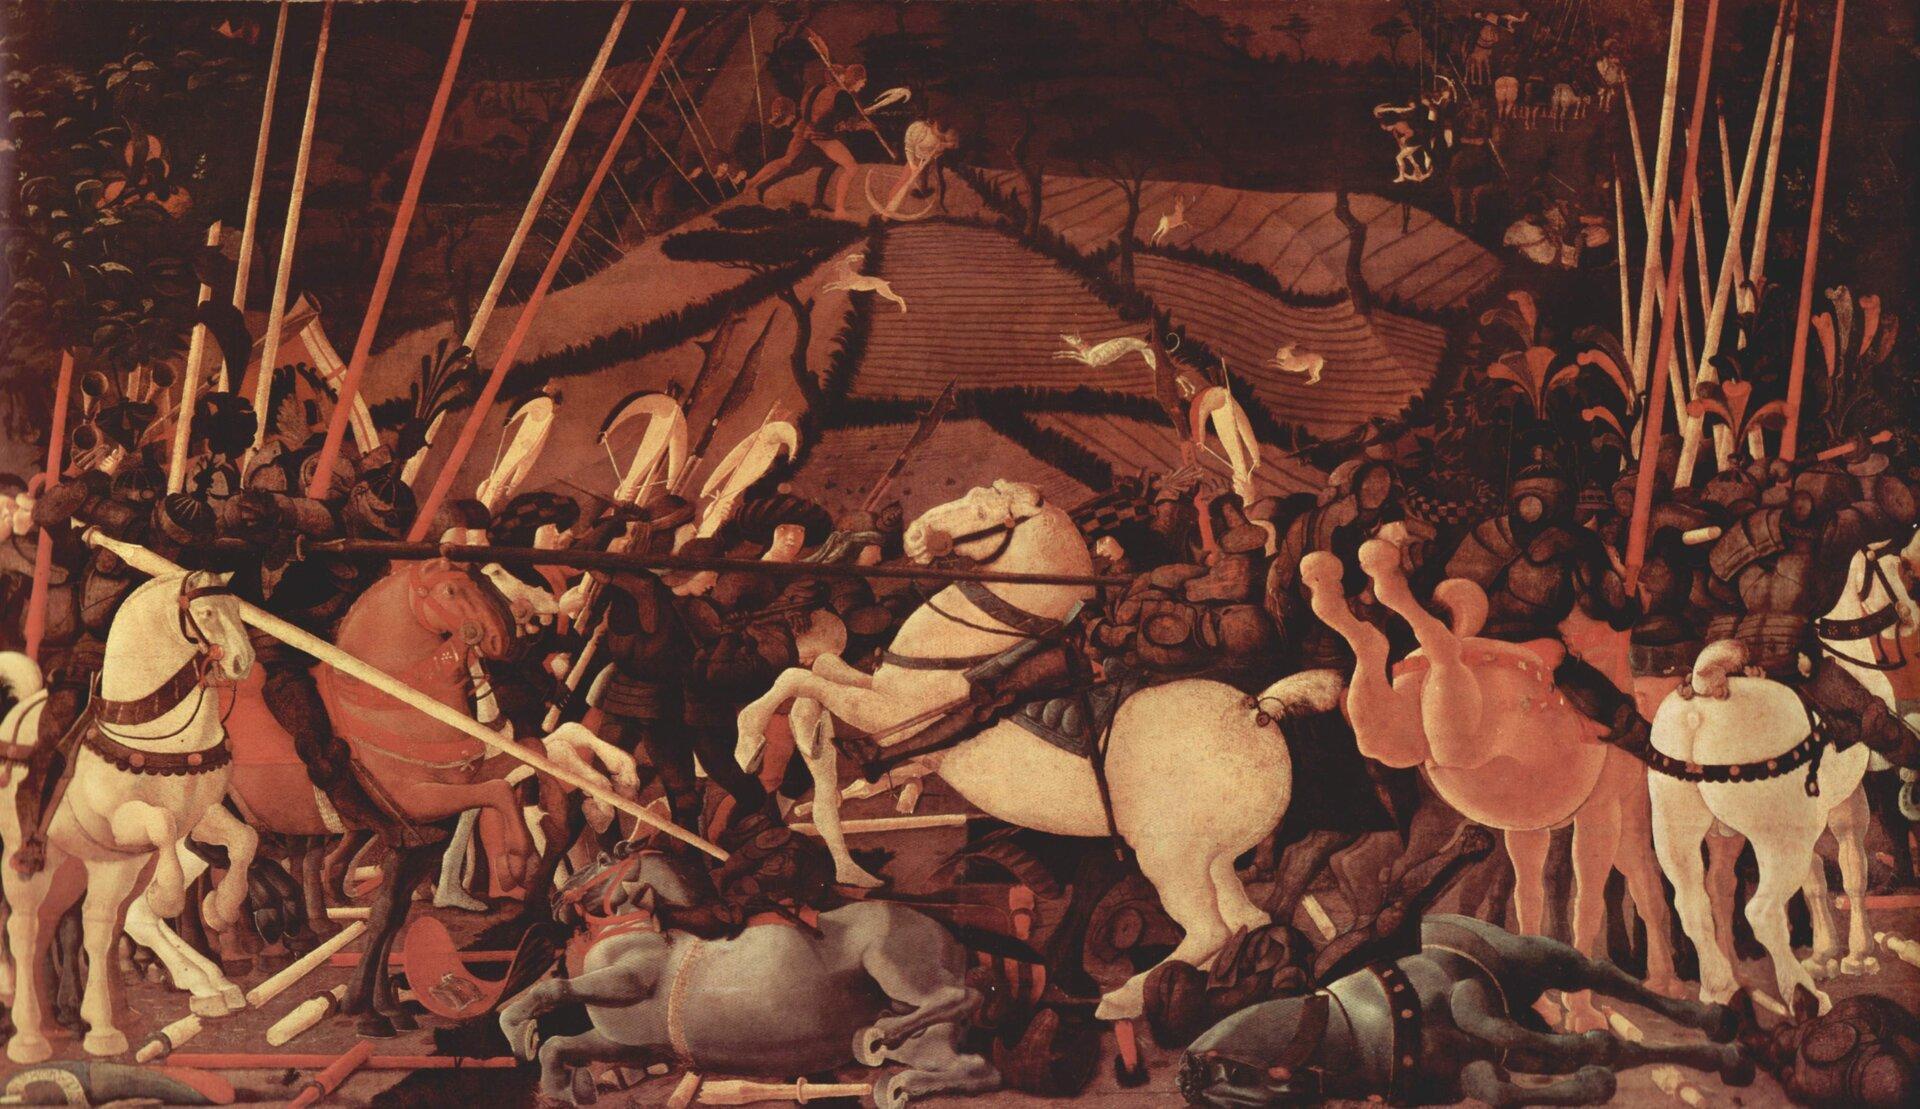 """Ilustracja przedstawia obraz Paola Uccella """"Bitwa pod San Romano"""". Ukazuje scenę bitwy. Postacie na koniach znajdujące się na pierwszym planie są stłoczone. Niektóre konie leżą powalone na ziemię, inne stają dęba. Na ziemi leży wiele włóczni. Nad sceną sterczą długie lance. Tło obrazu przedstawia wzgórze, na którym biegają zwierzęta oraz znajdują się myśliwi zkuszami."""